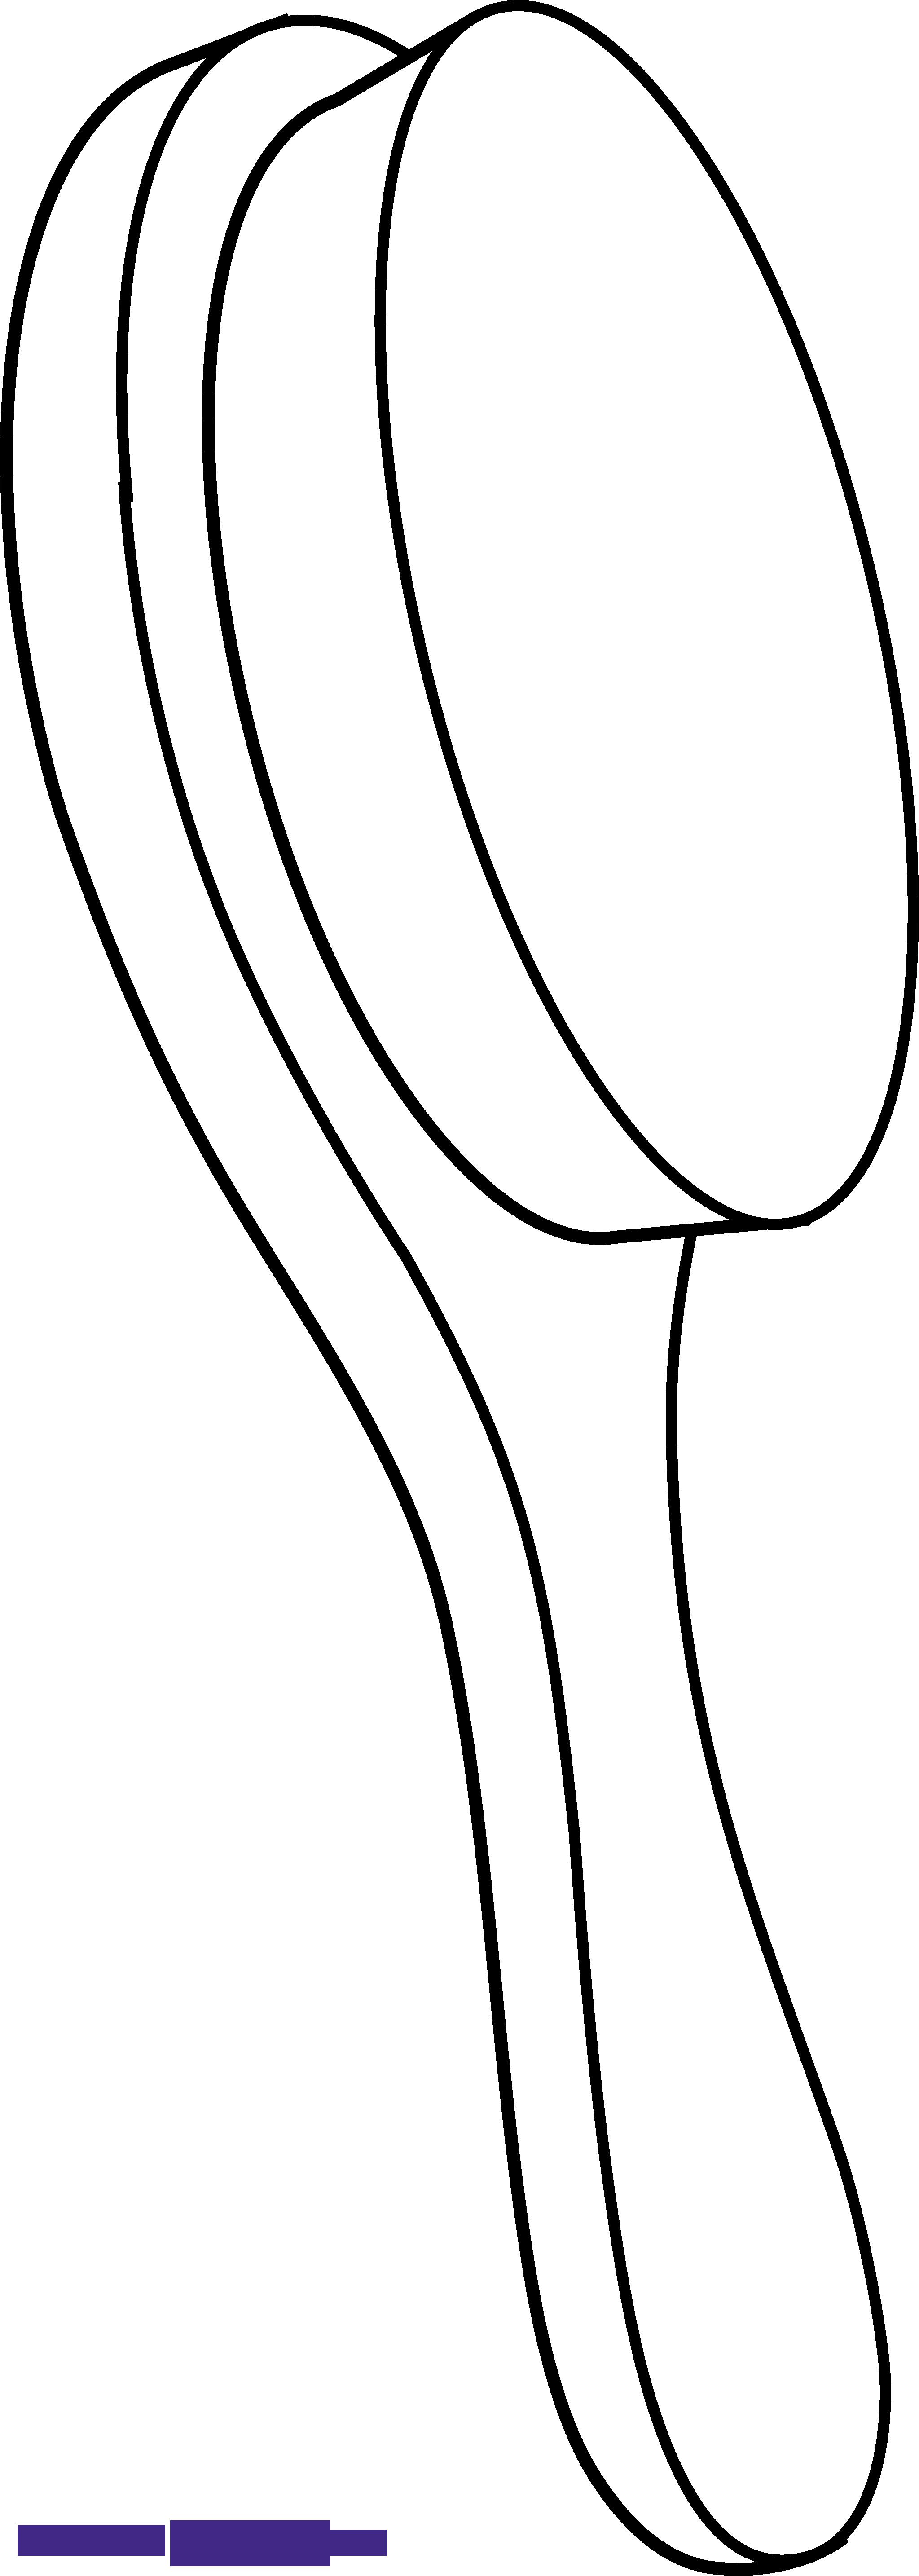 2047x5737 Hair Brush Outline Clipart